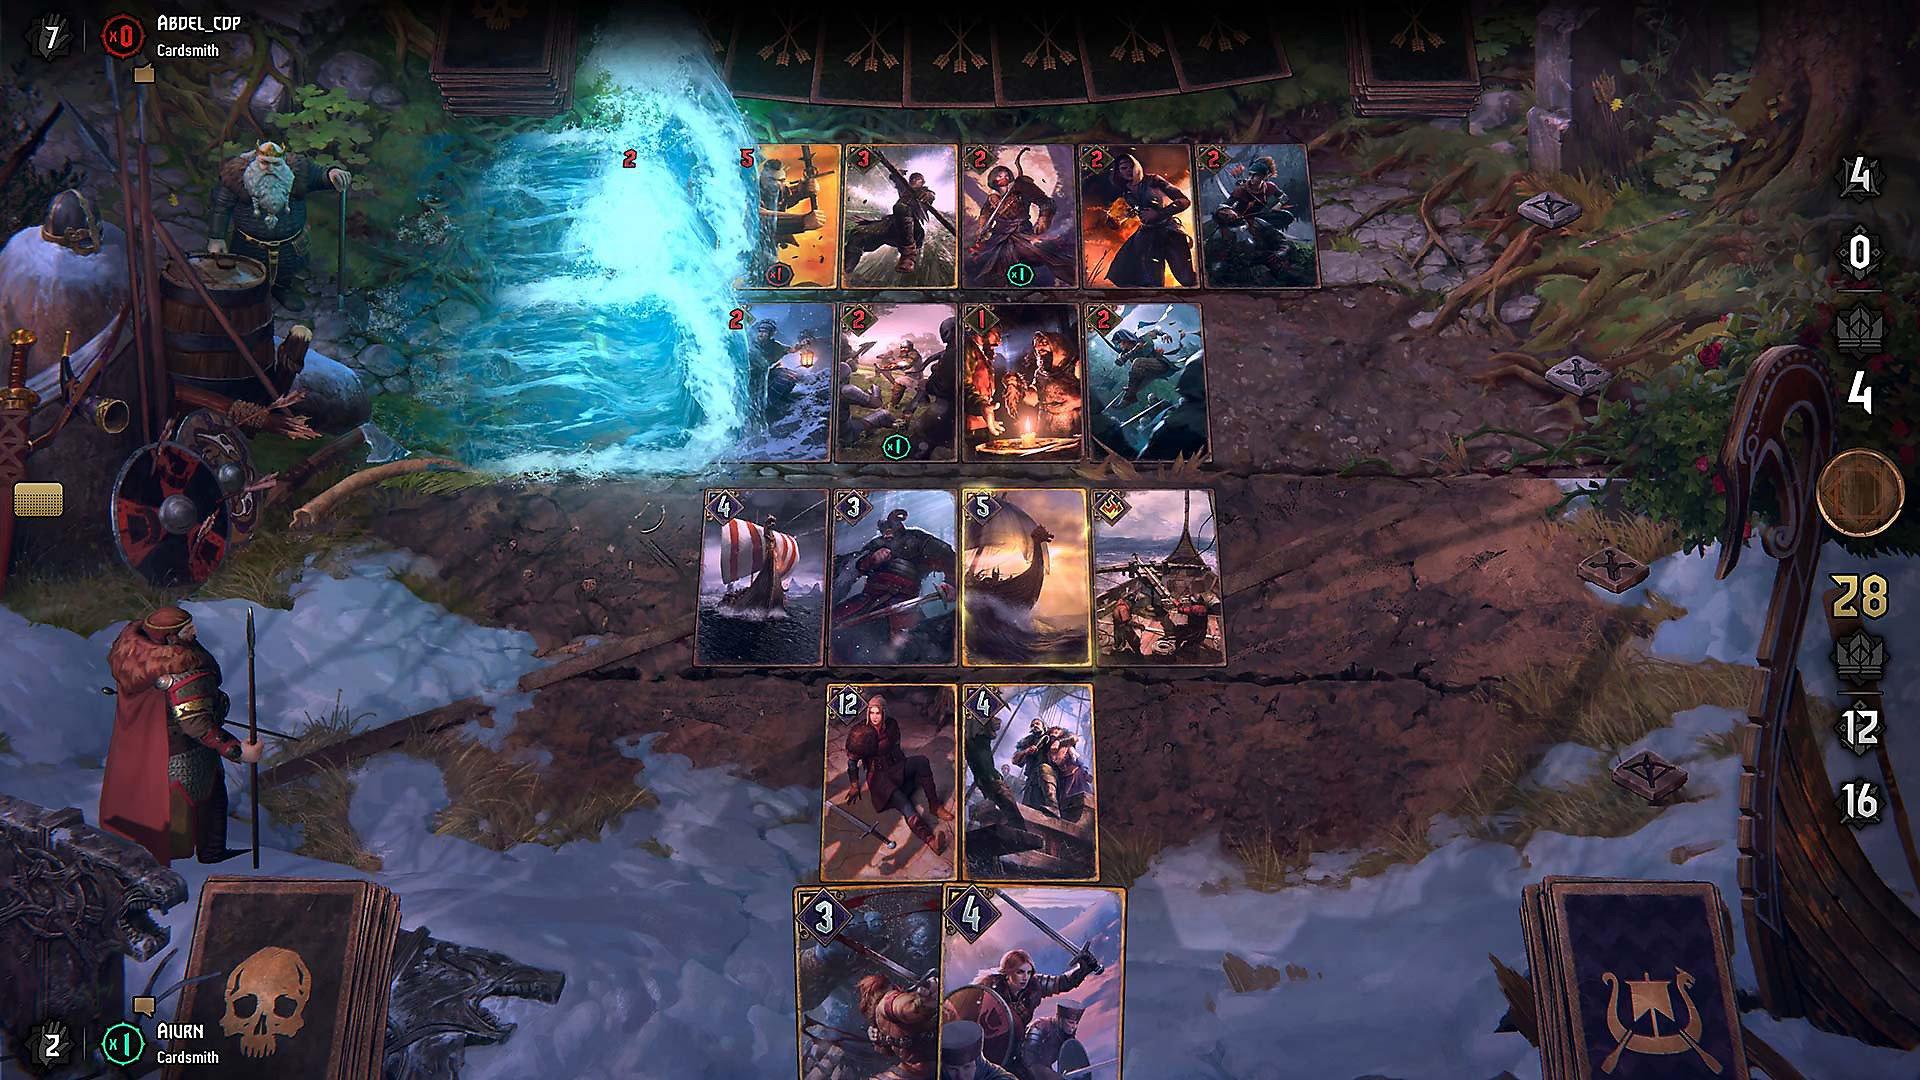 Цель игры в «Гвинт» комбинируя имеющиеся карты добиться превосходства по очкам и победить в двух раундах из трех / playstation.com